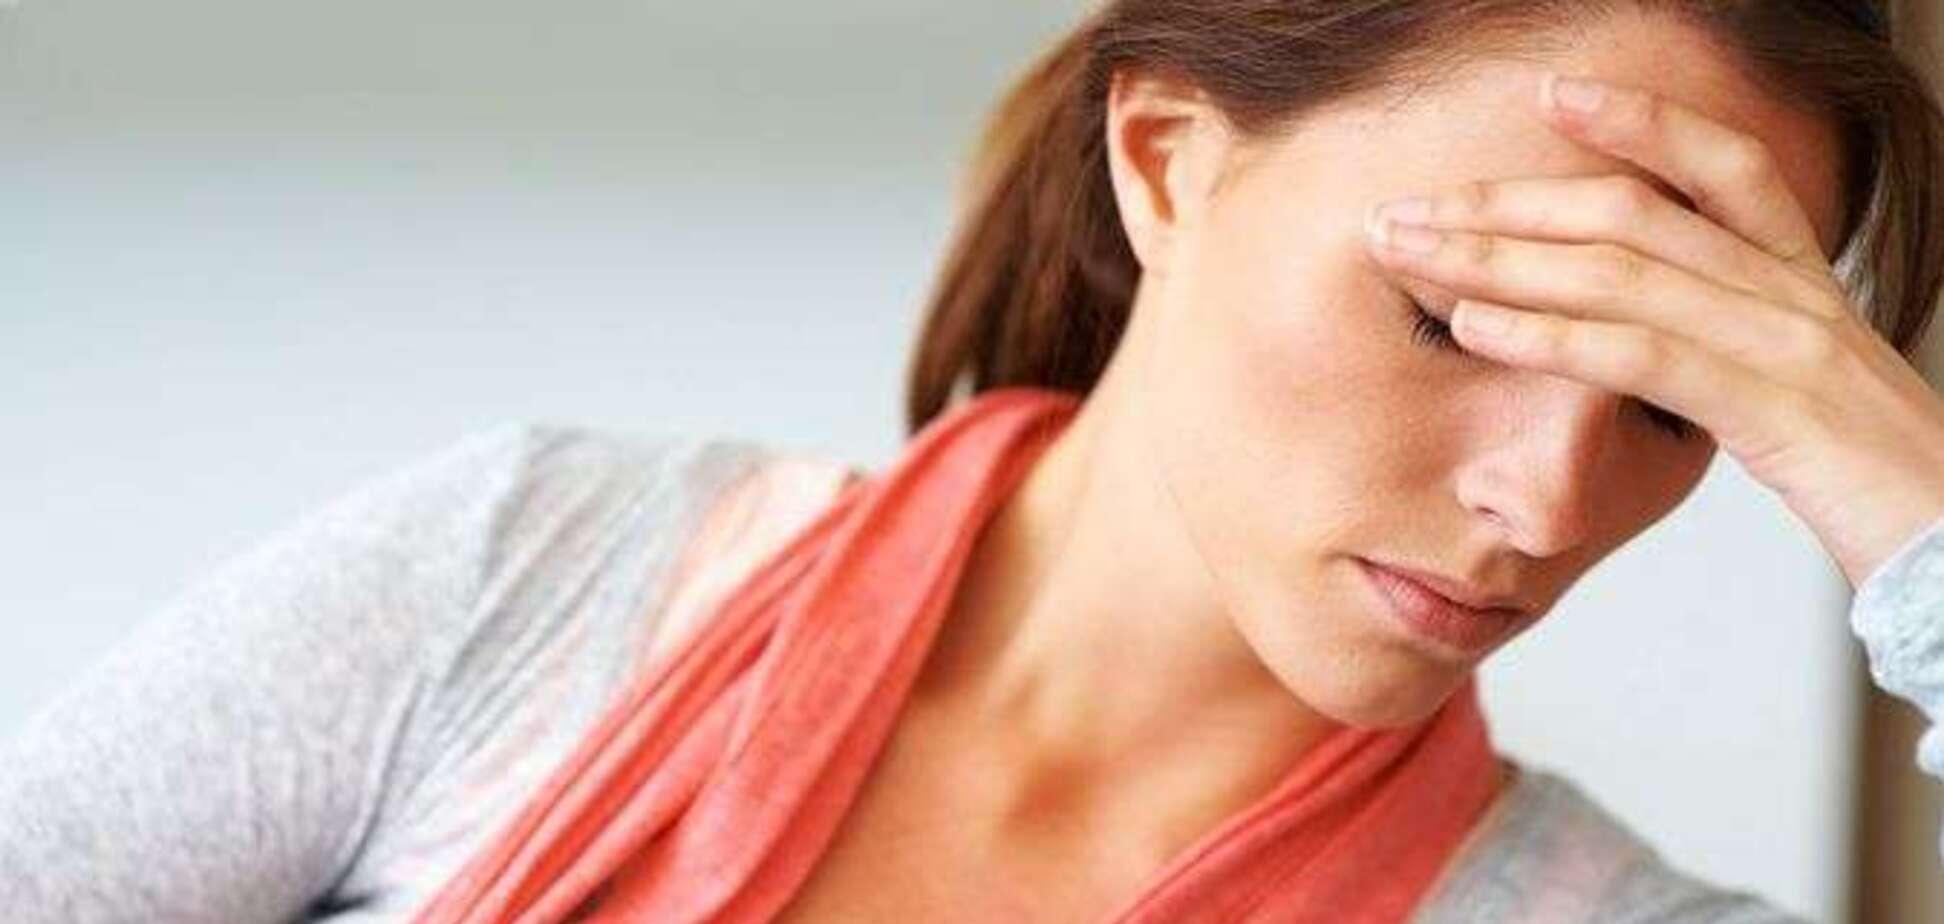 Хронічні болі й утома: вчені назвали ймовірну причину